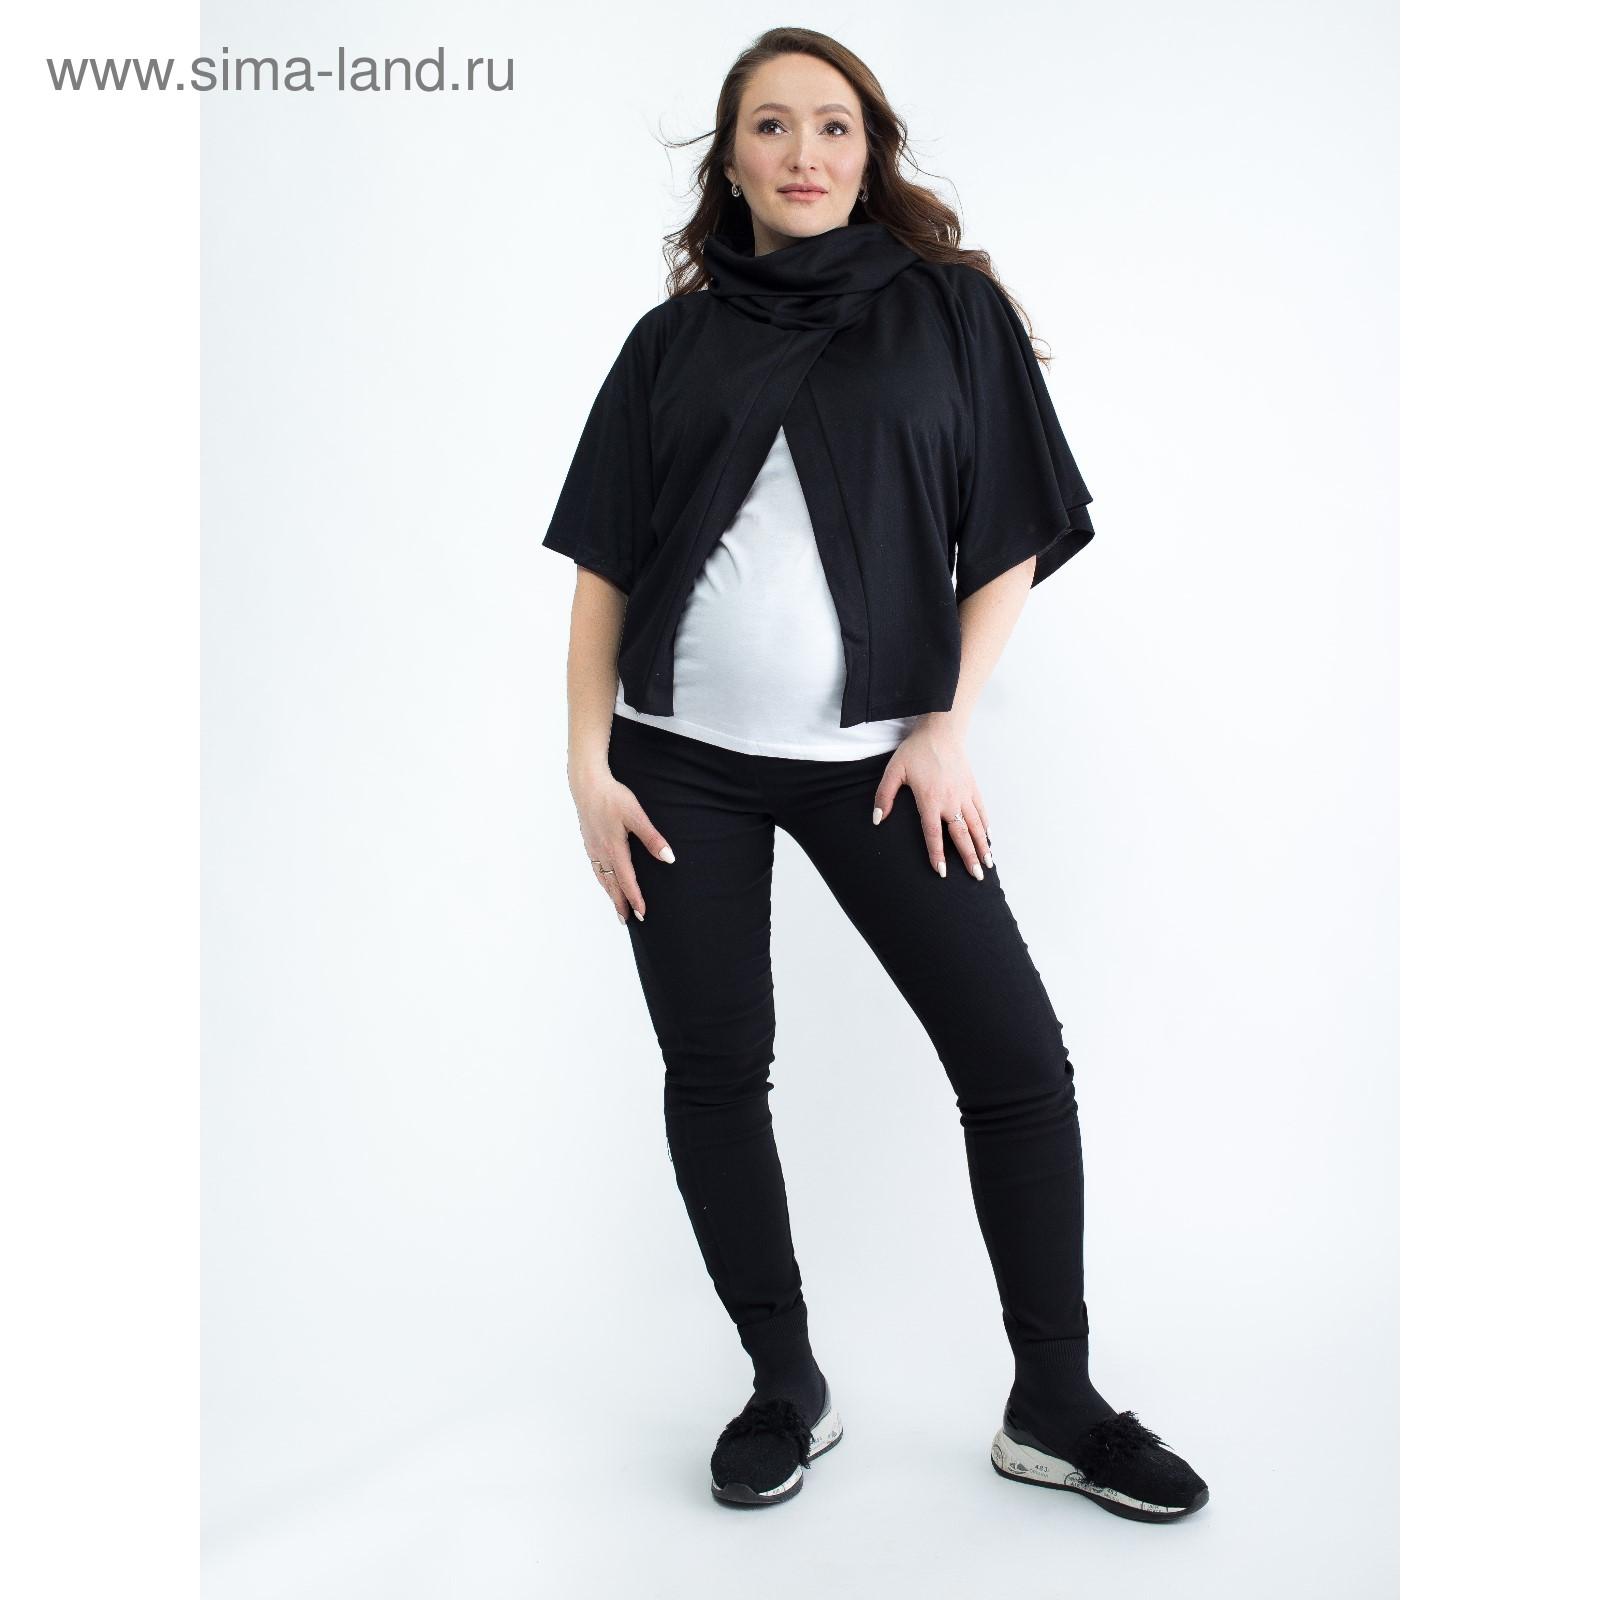 7cecd0d4293c Блузка для беременных 2206, цвет черный, размер 50, рост 170 ...